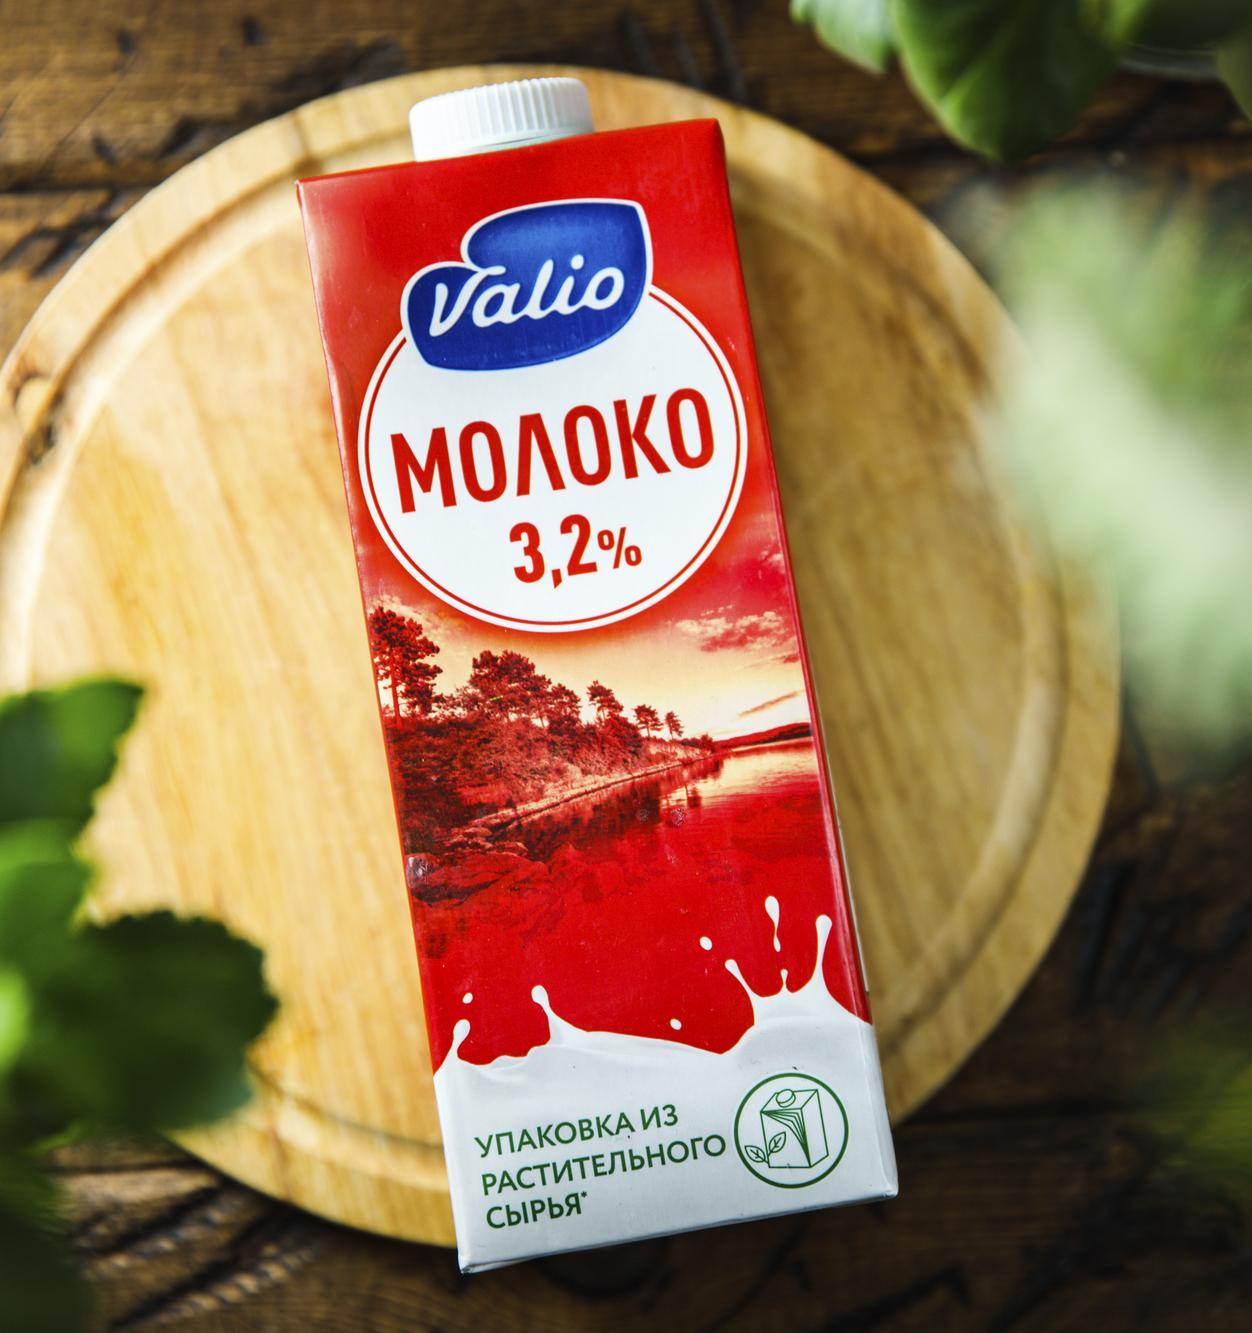 Valio первой в России будет продавать молоко в упаковке из растительного сырья